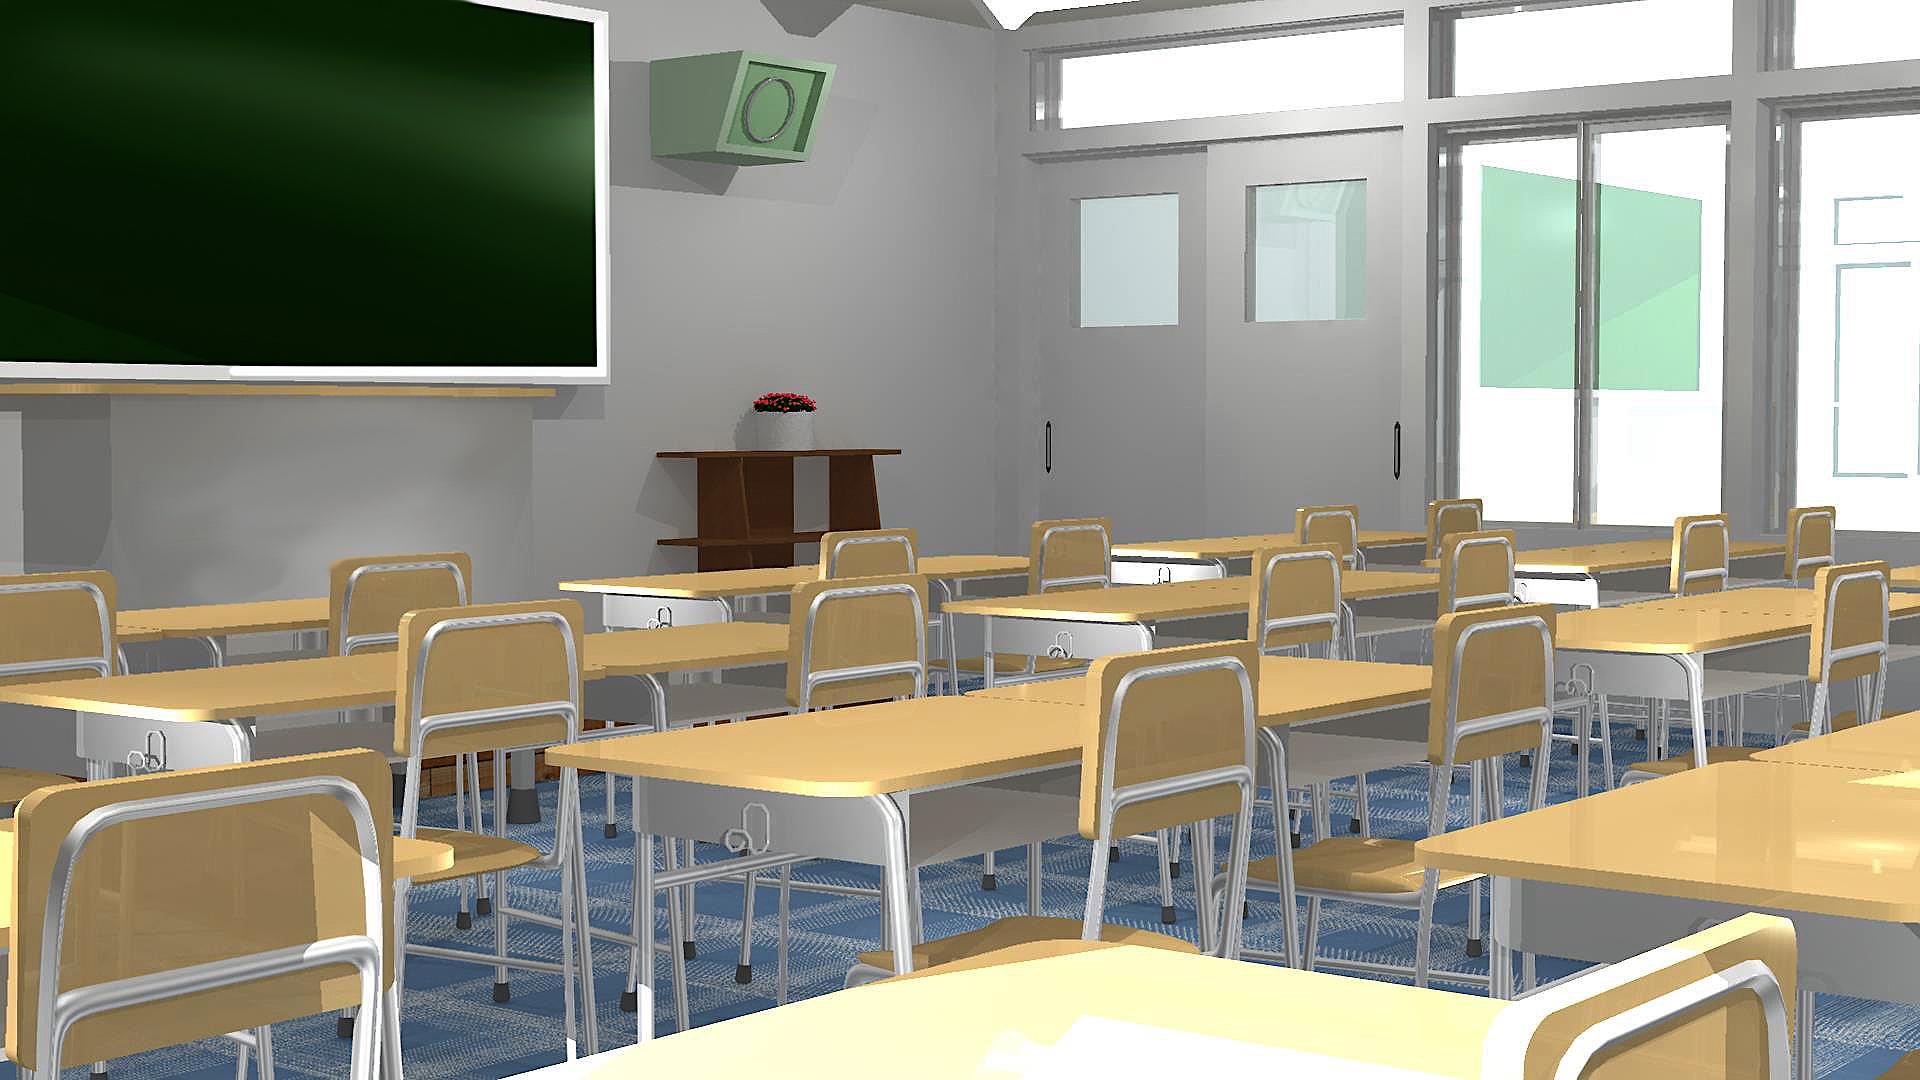 学校 背景 フリー